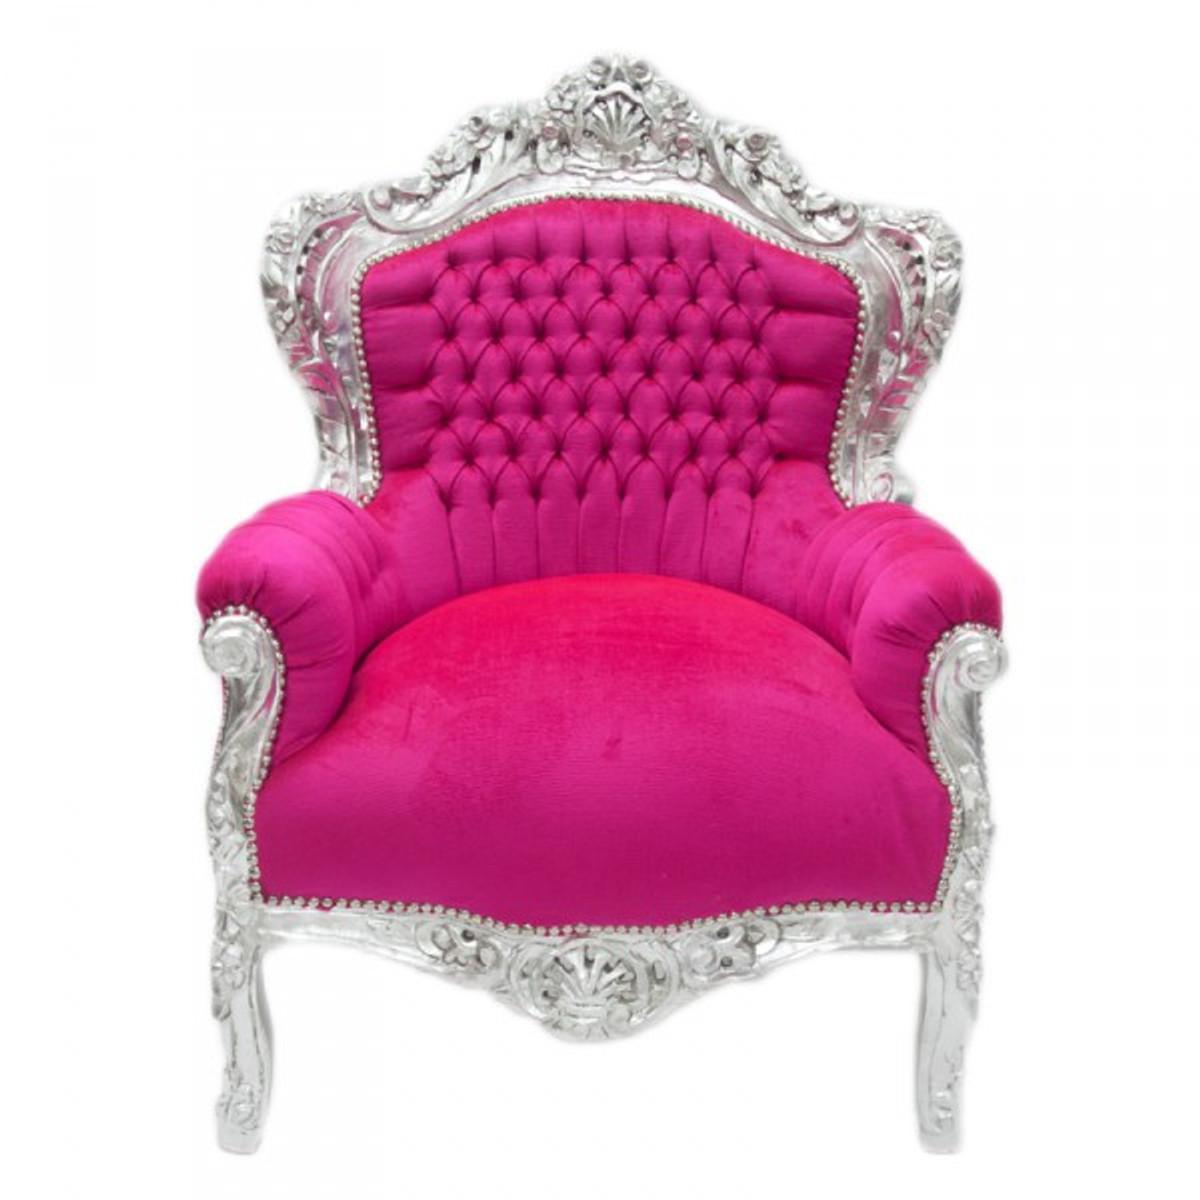 Casa Padrino Barock Sessel King Pink Silber Mobel Antik Stil